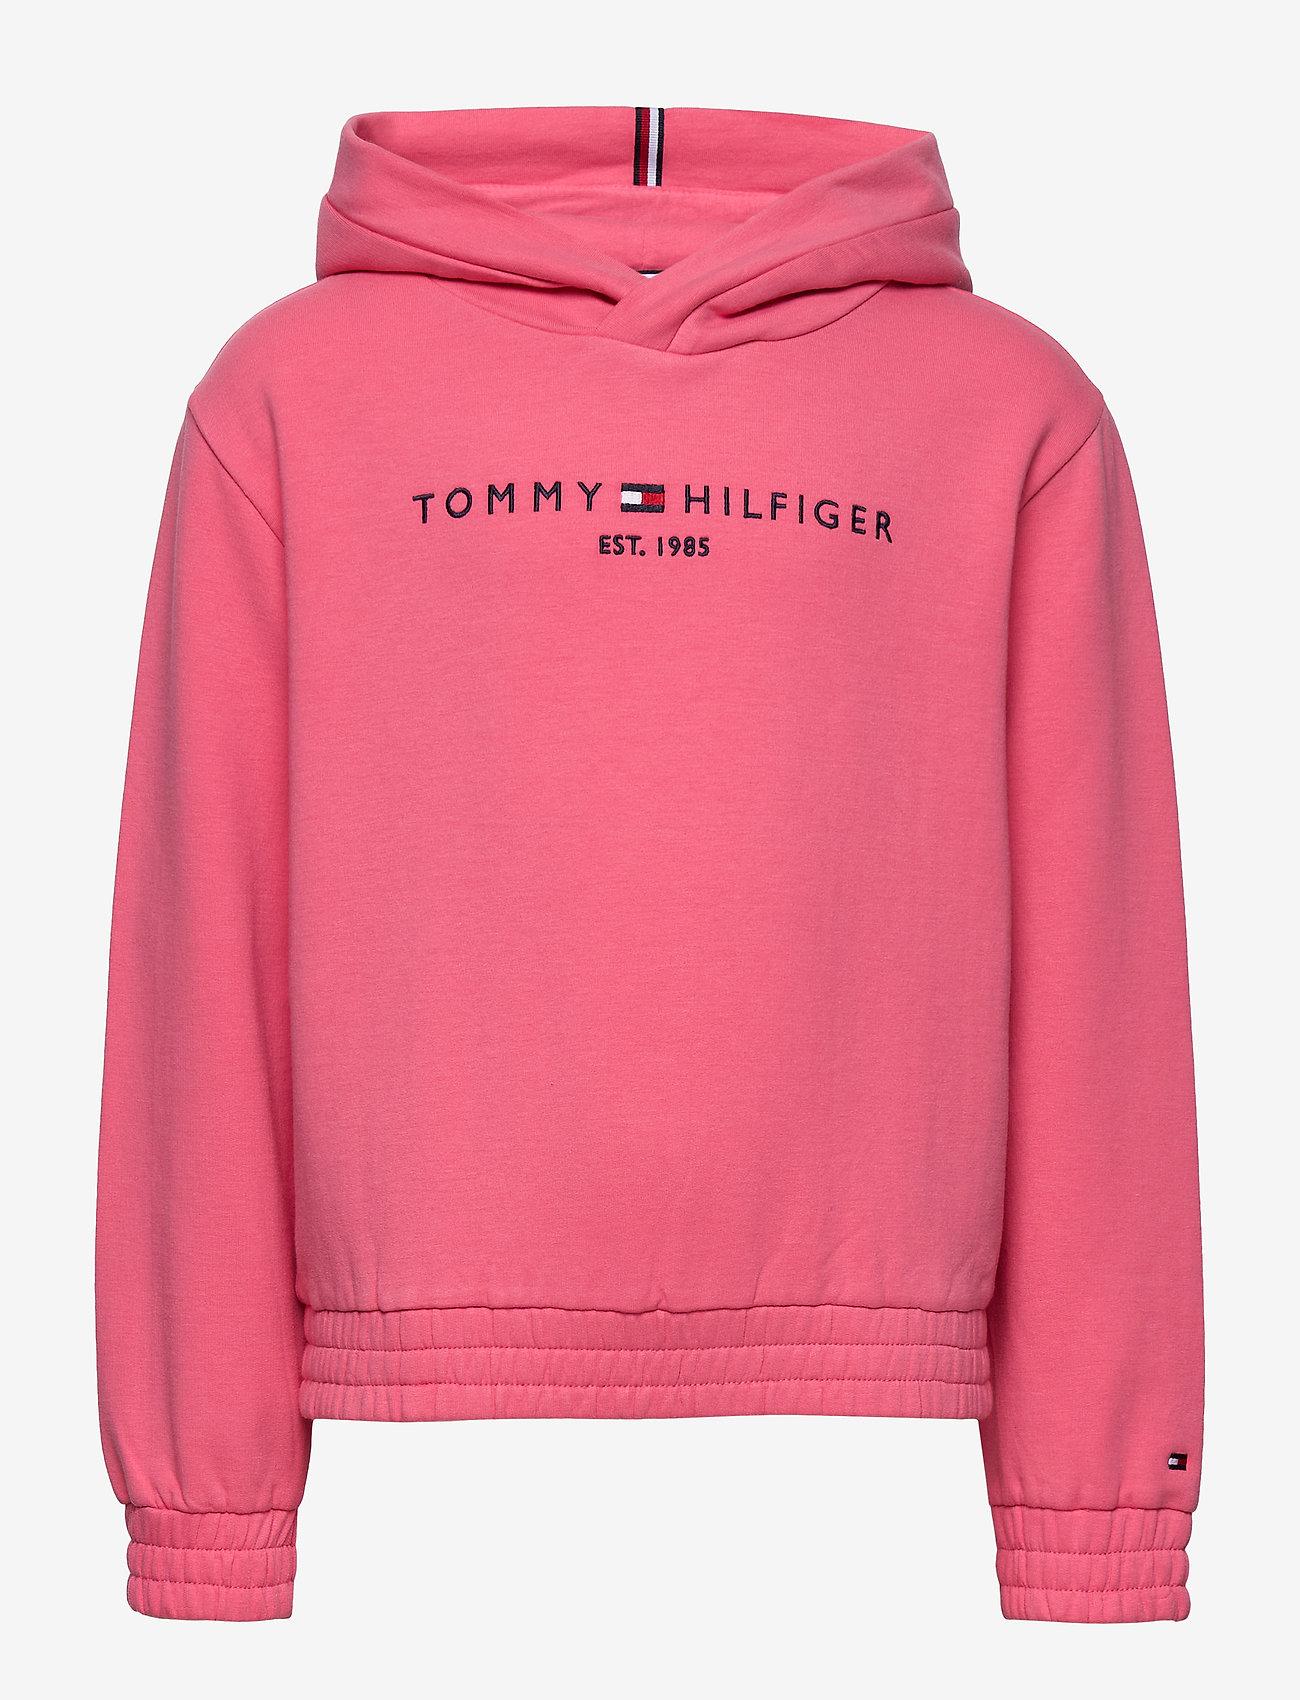 Tommy Hilfiger - ESSENTIAL HOODED SWEATSHIRT - hættetrøjer - glamour pink - 0